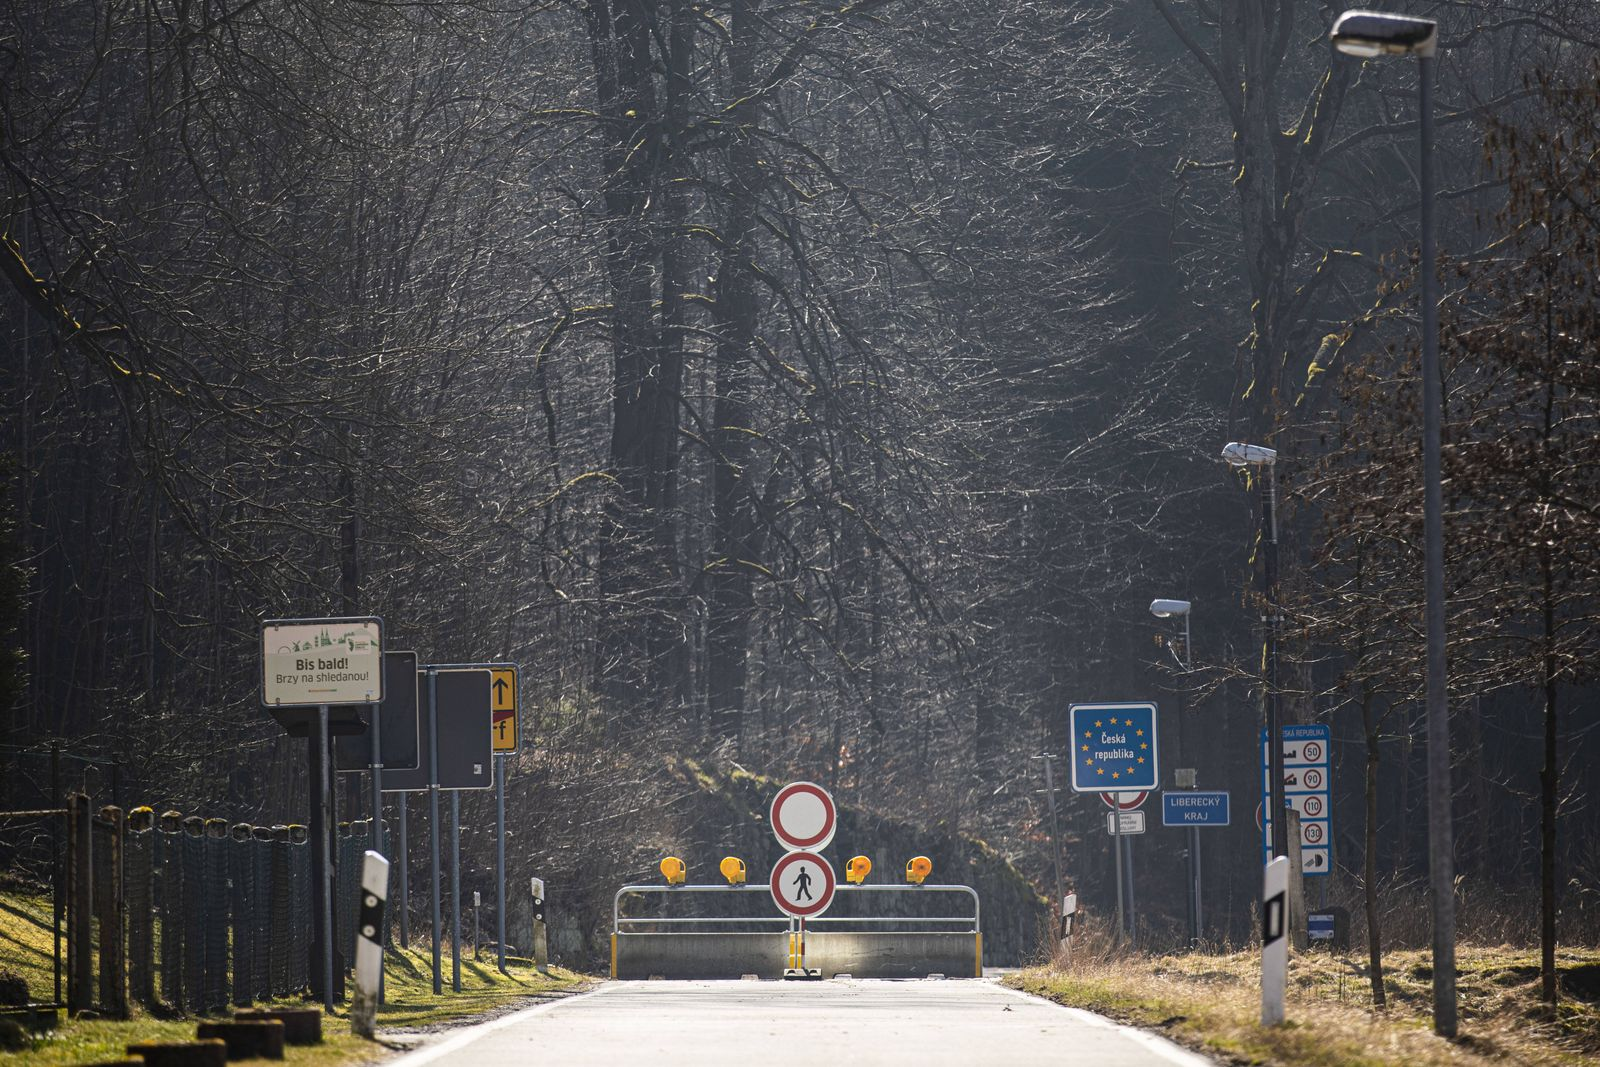 Eine Barriere hindert an der Einreise nach Tschechien in Jonsdorf, 18.03.2020. In der Nacht vom 14.03. zum 15.03. wurden